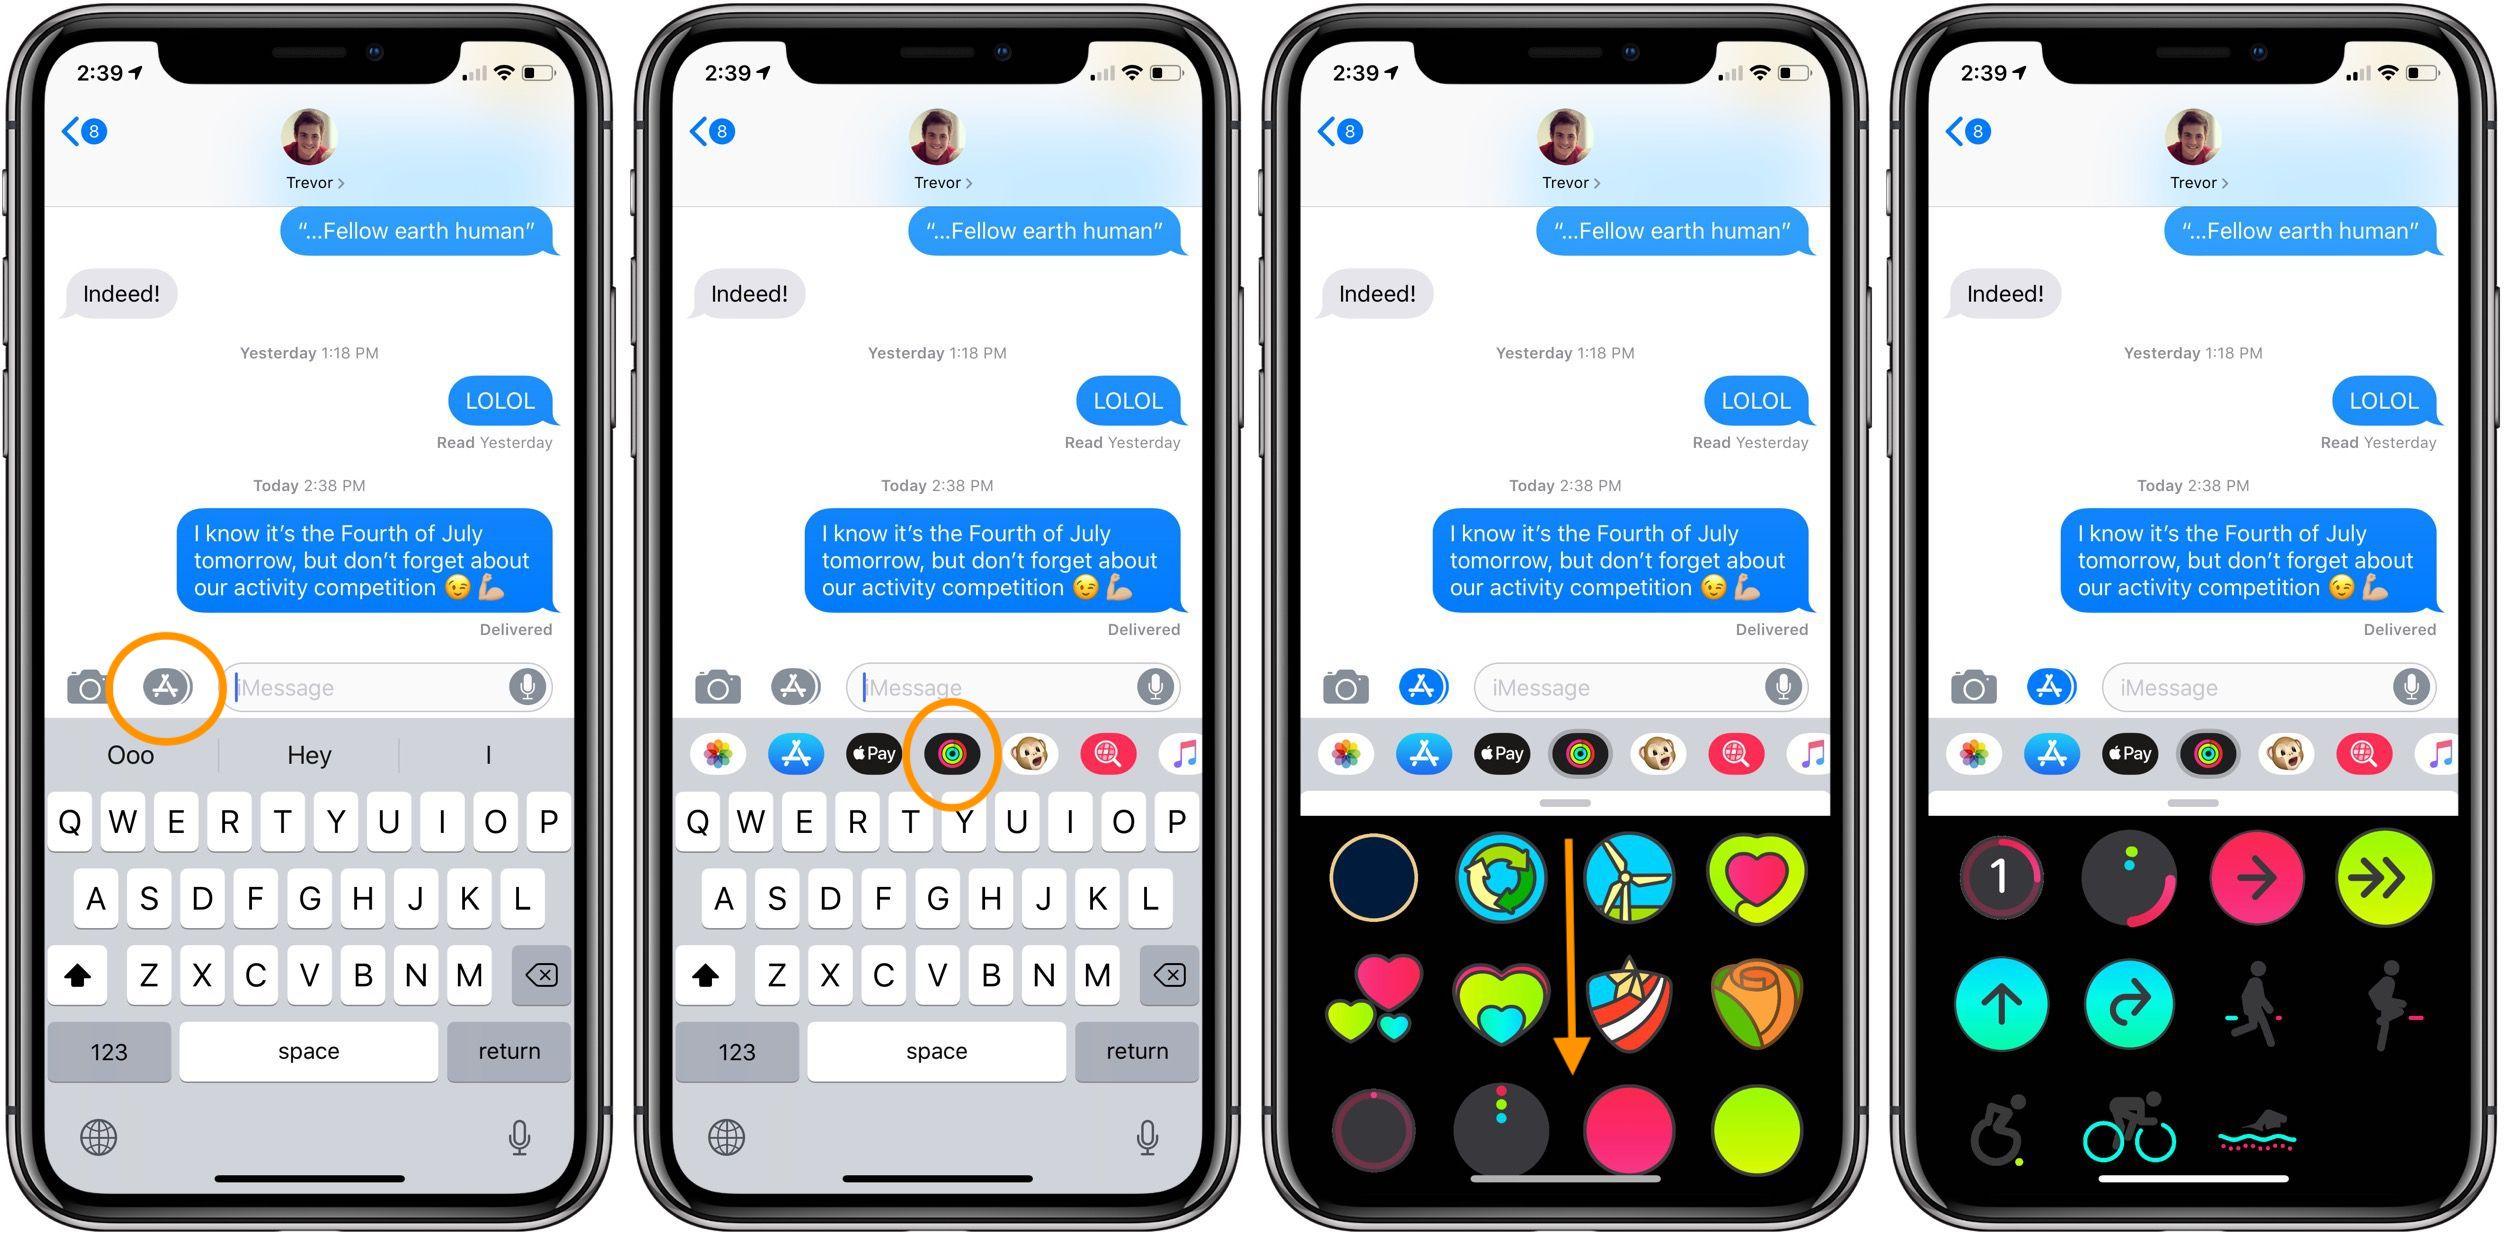 Iphone apps im hintergrund laden